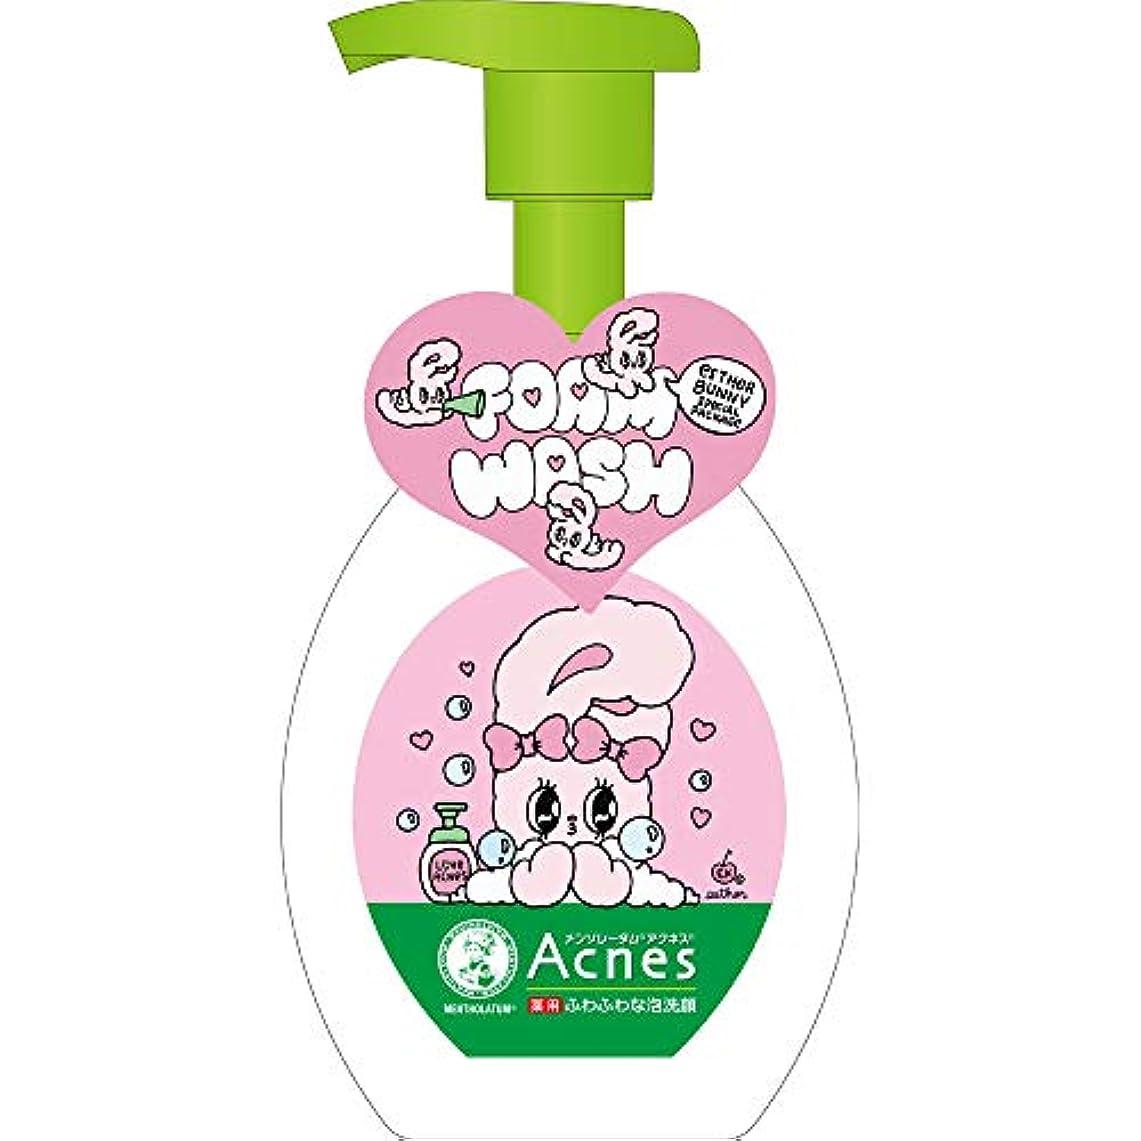 ページェント創始者アイスクリームアクネス(Acnes) メンソレータム アクネス 薬用ふわふわな泡洗顔 エスターバニー 160mL